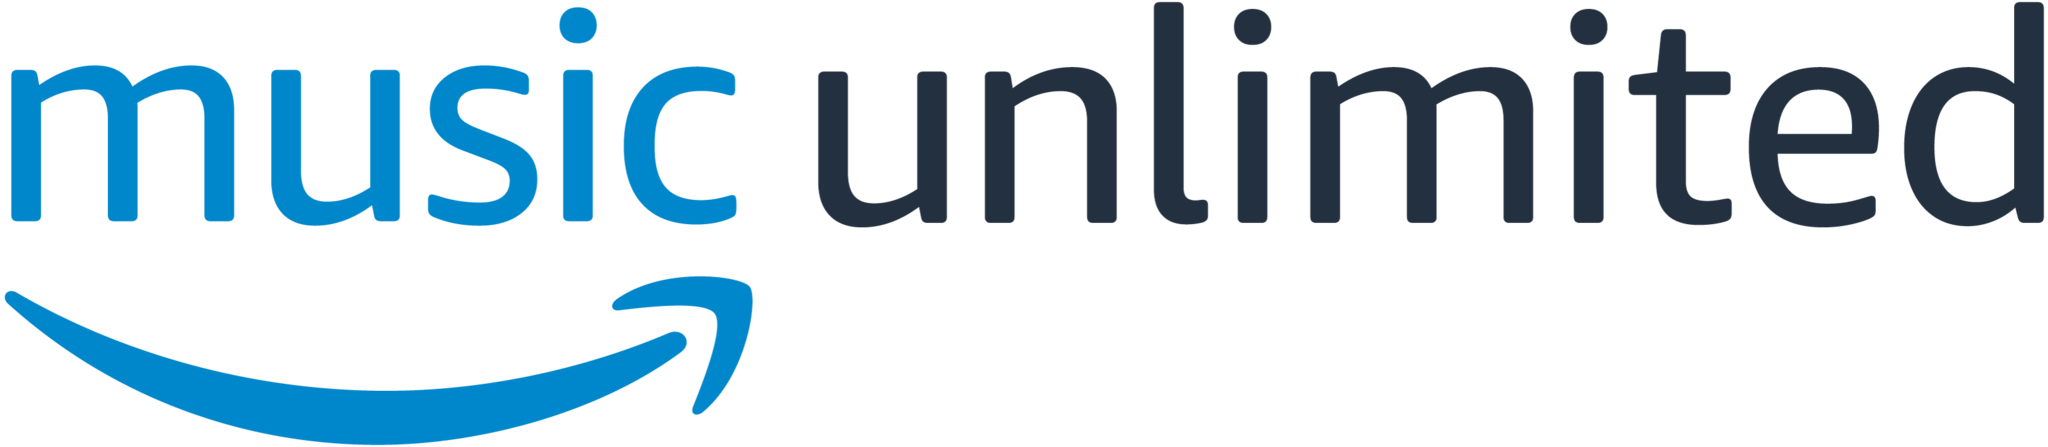 AmazonMusicUnlmited_logo.png